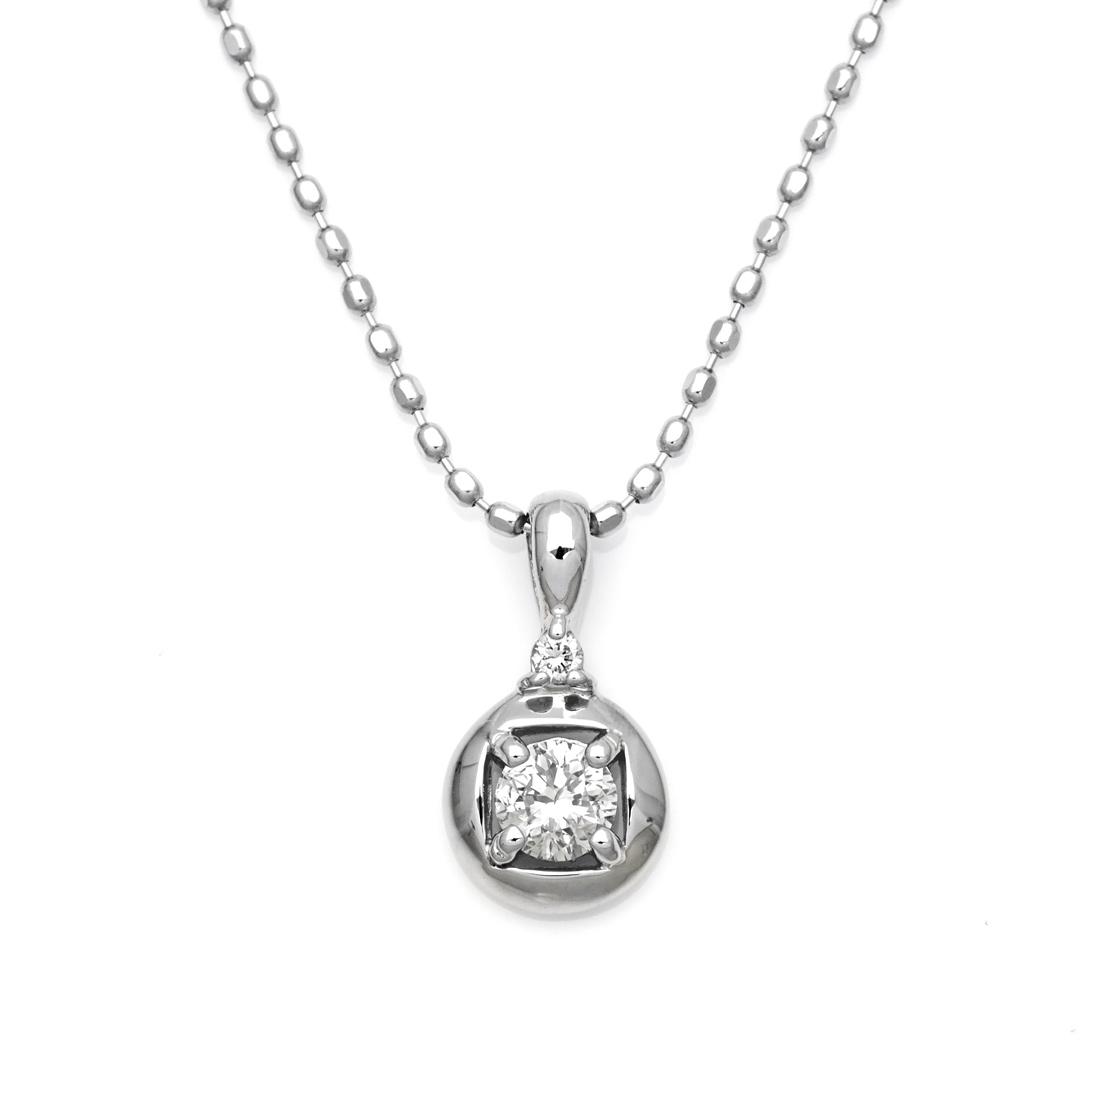 【GWクーポン配布中】K18 ダイヤモンド 0.11ct ペンダント送料無料 ネックレス ゴールド ダイアモンド 18K 18金 カットボールチェーン 誕生日 4月誕生石 メッセージ ギフト 贈り物